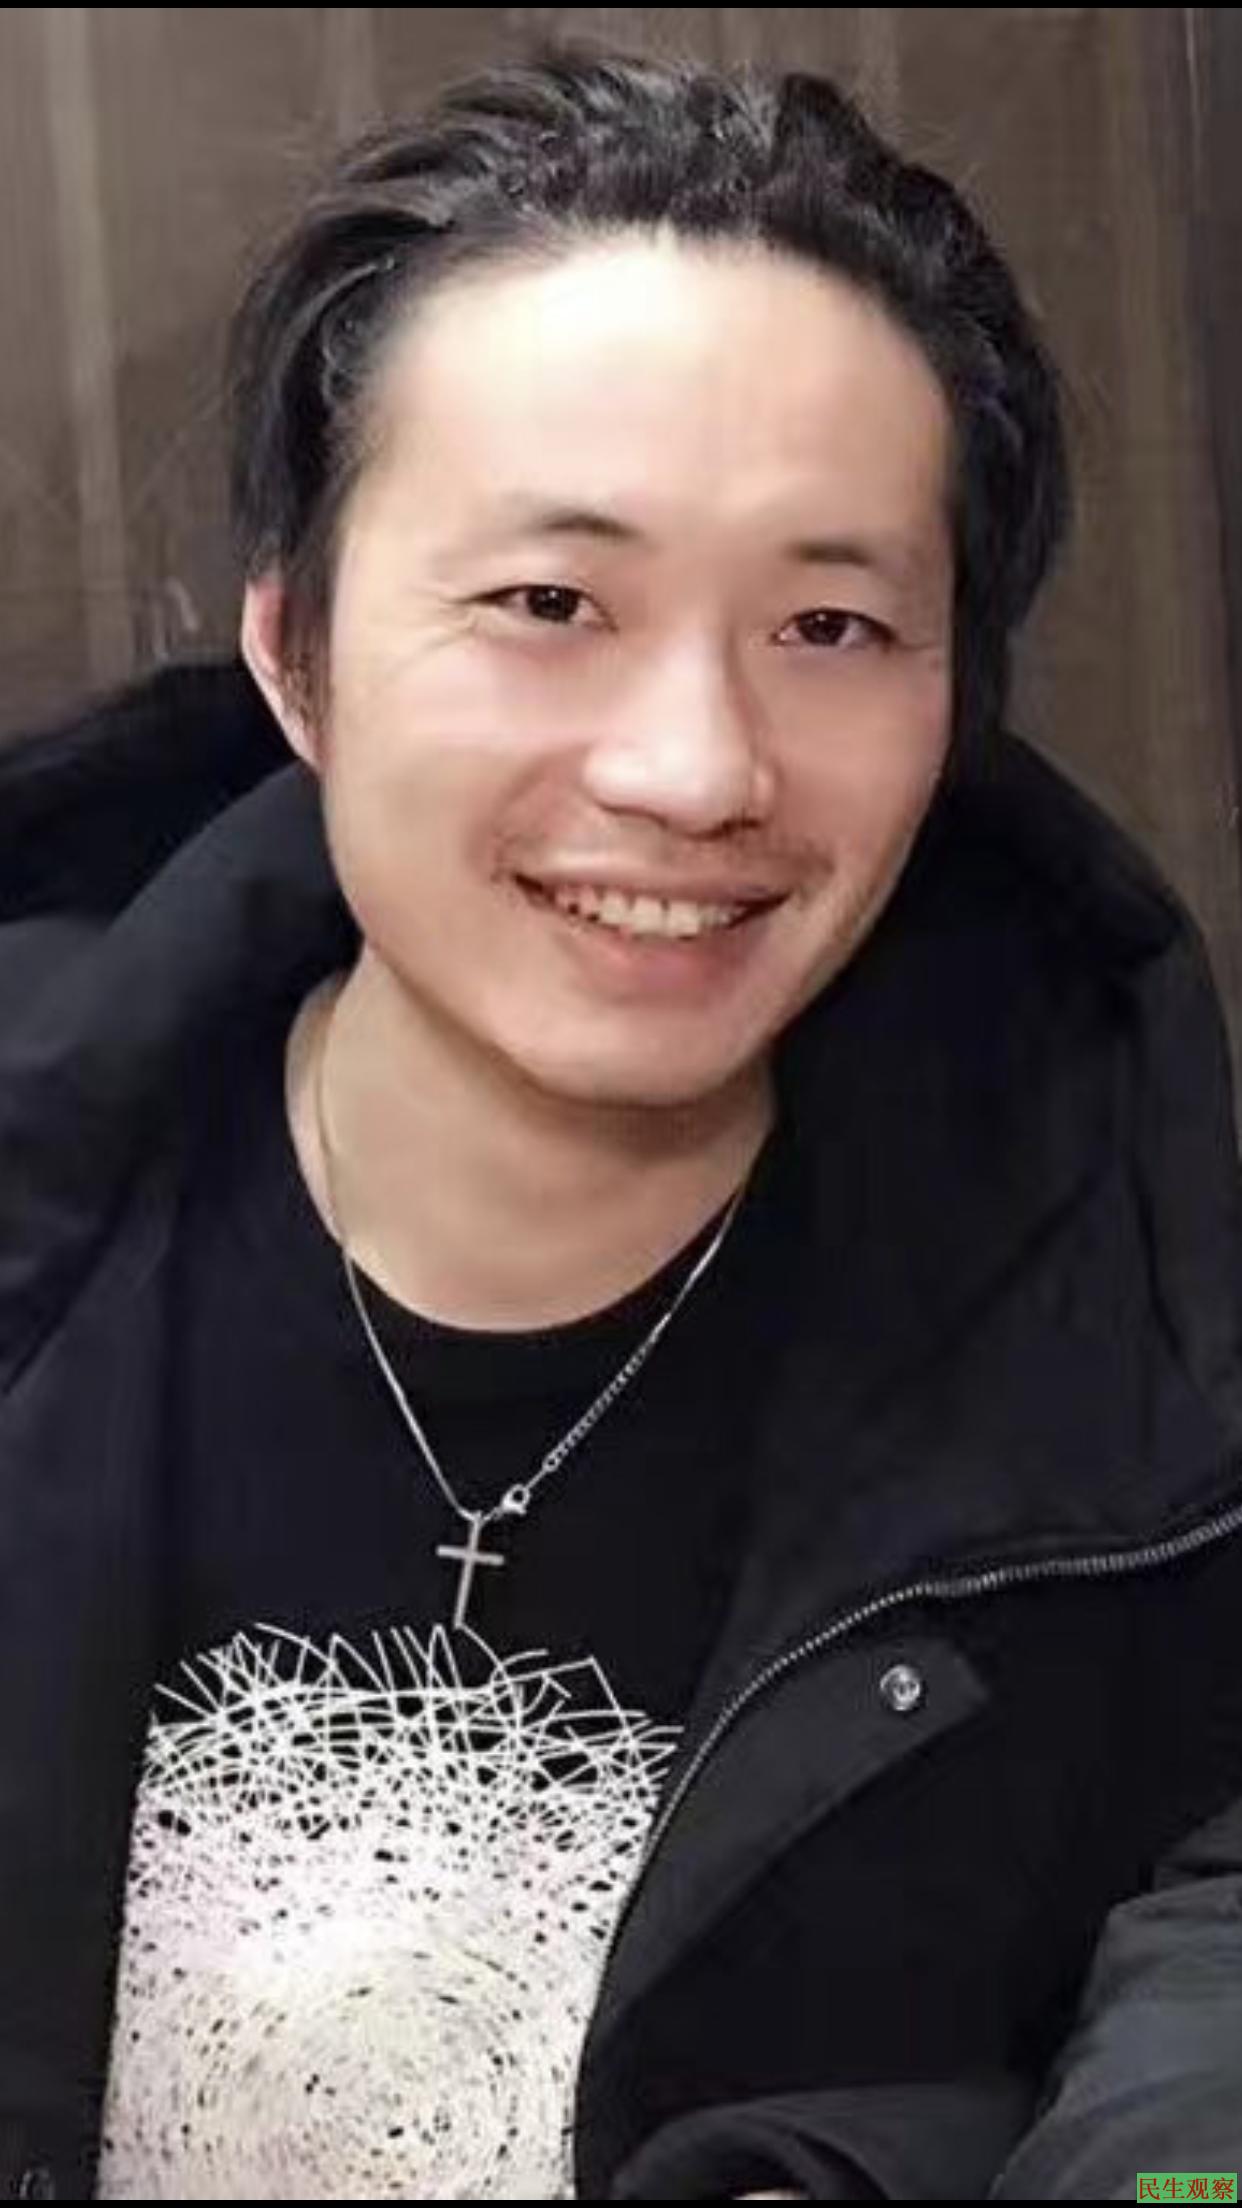 江苏维权人士张昆获刑两年半